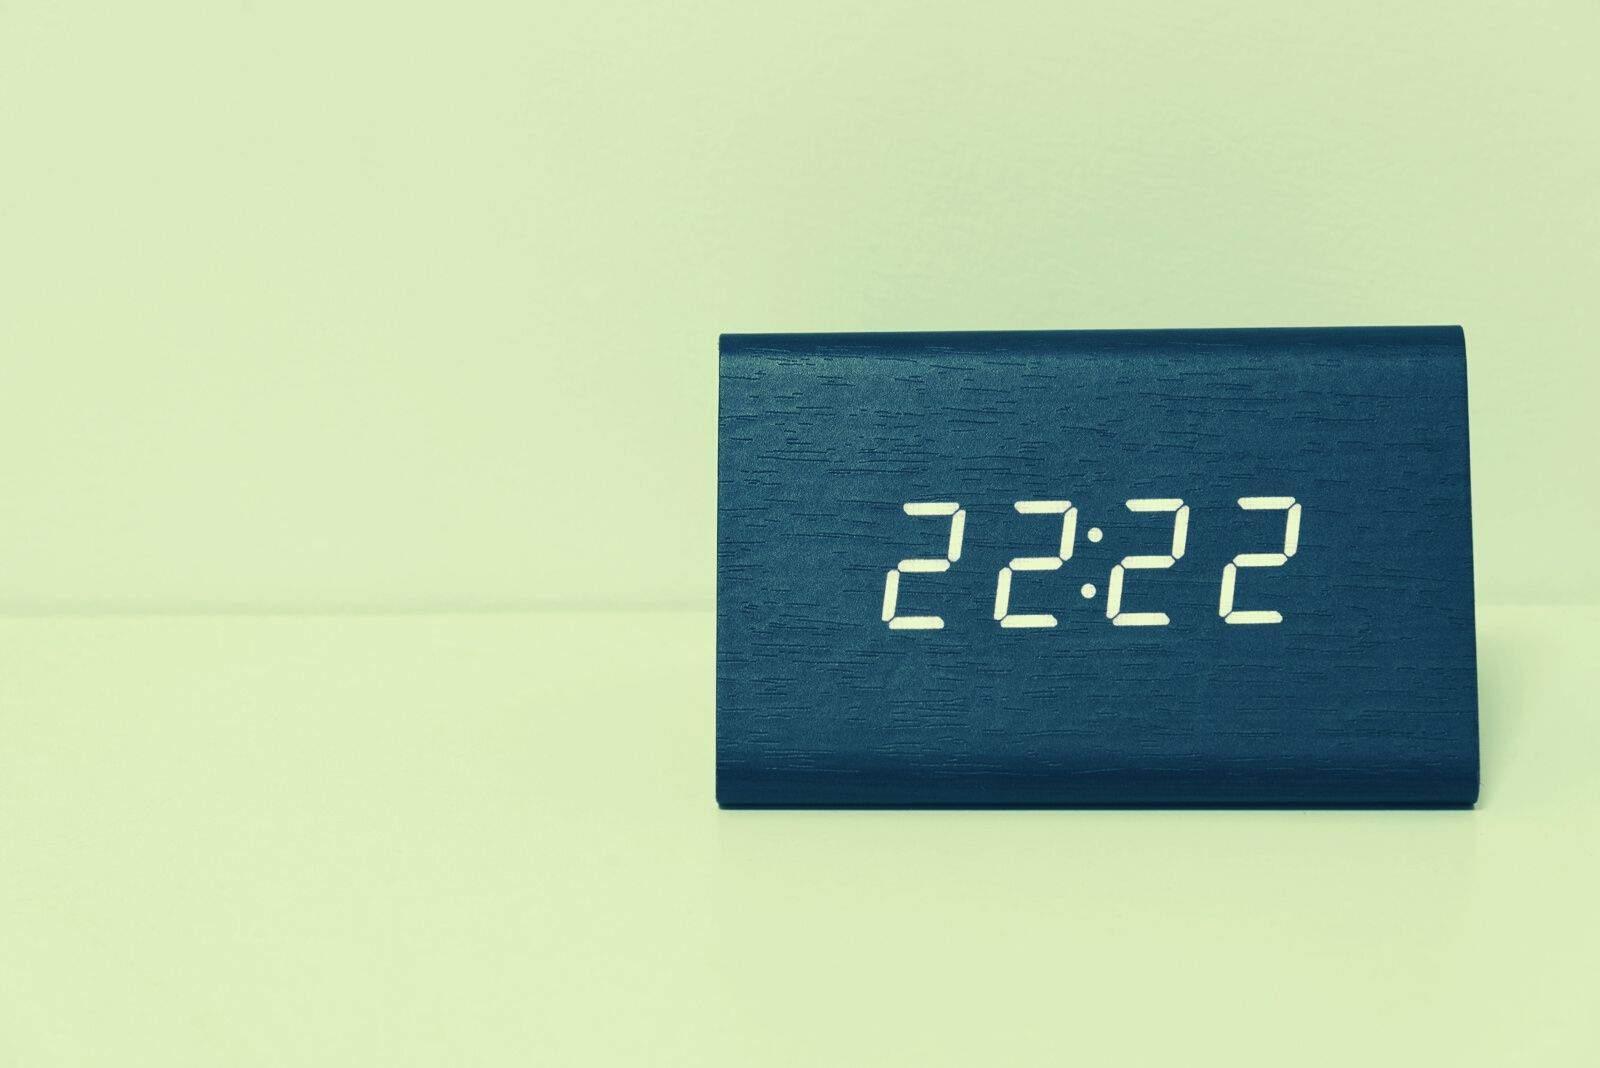 Schwarze Digitaluhr auf weißem Hintergrund mit Zeit 22:22